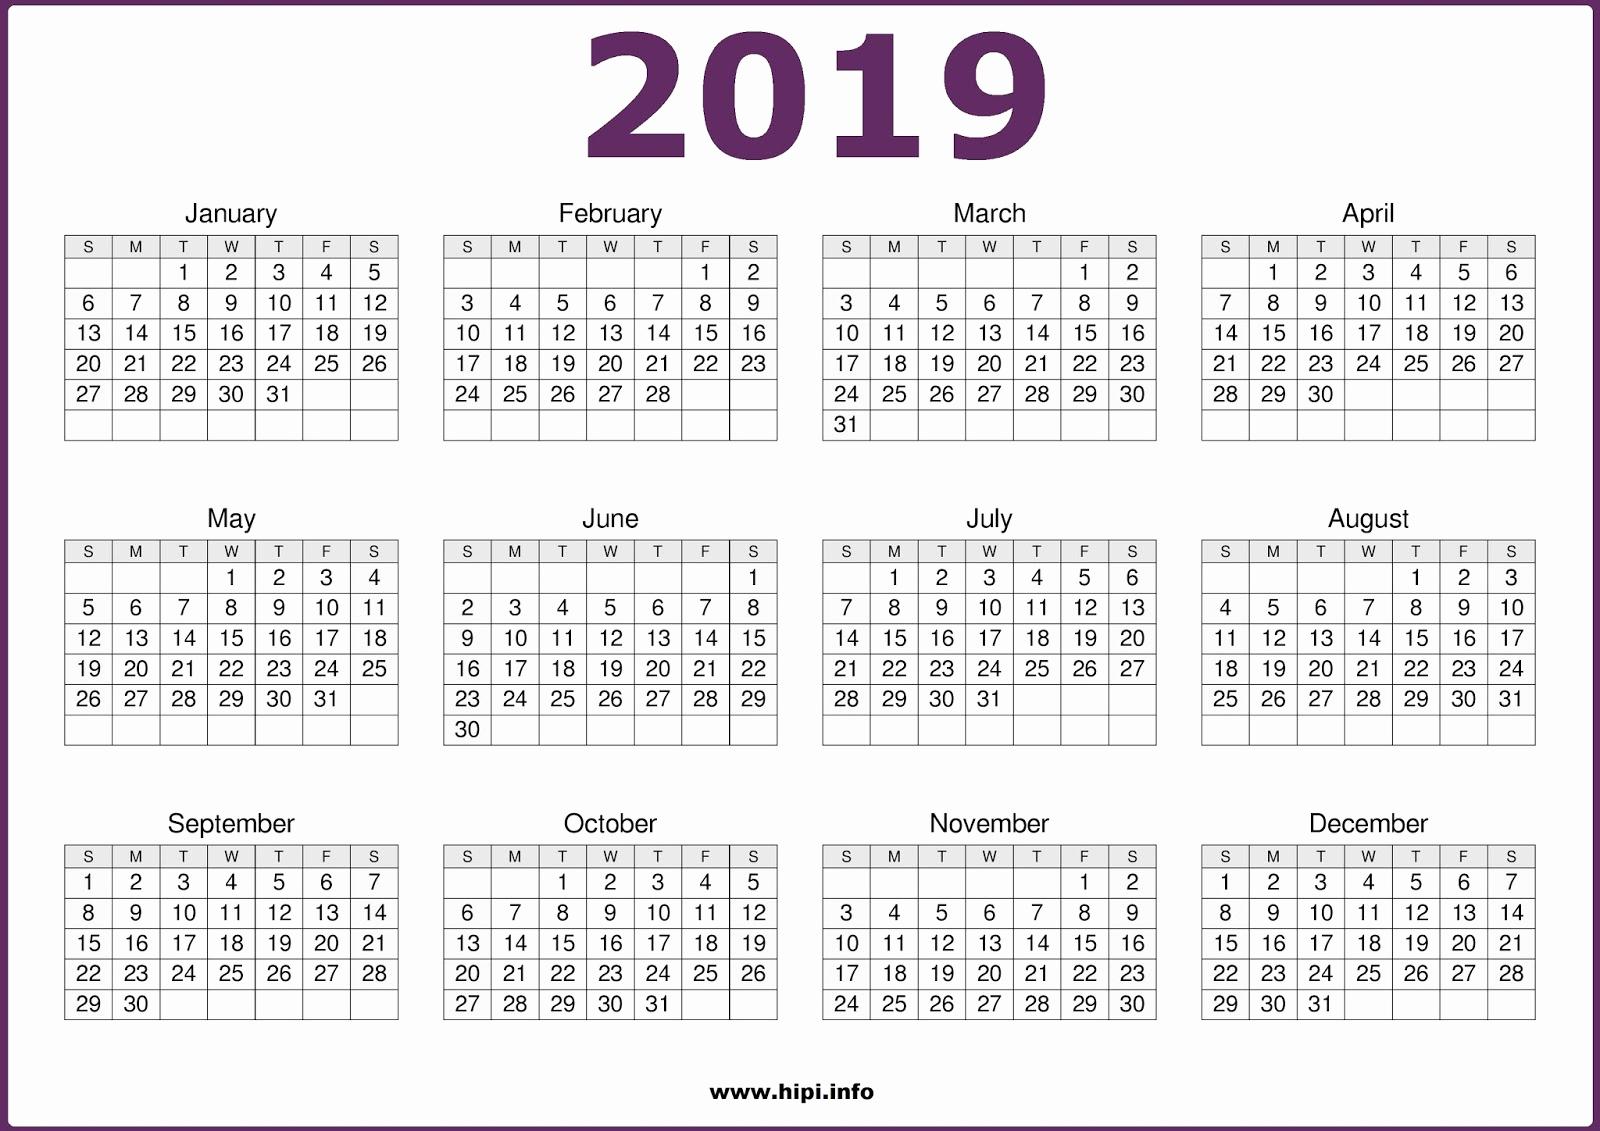 2019 Calendar Template Word Luxury Free Printable Calendar 2019 In Pdf Word Excel Template